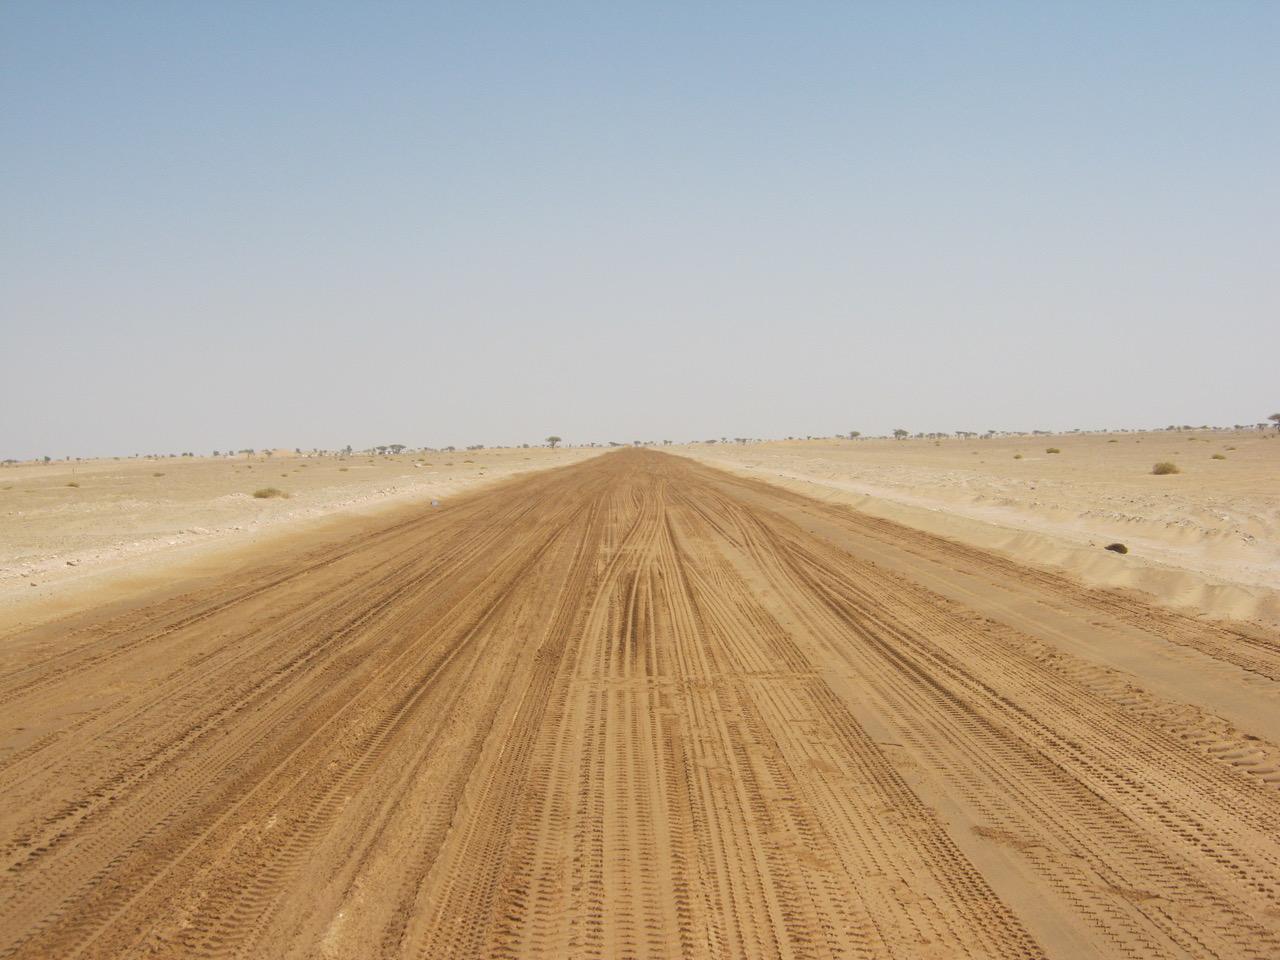 Dustless settles dusgt on unsealed roads